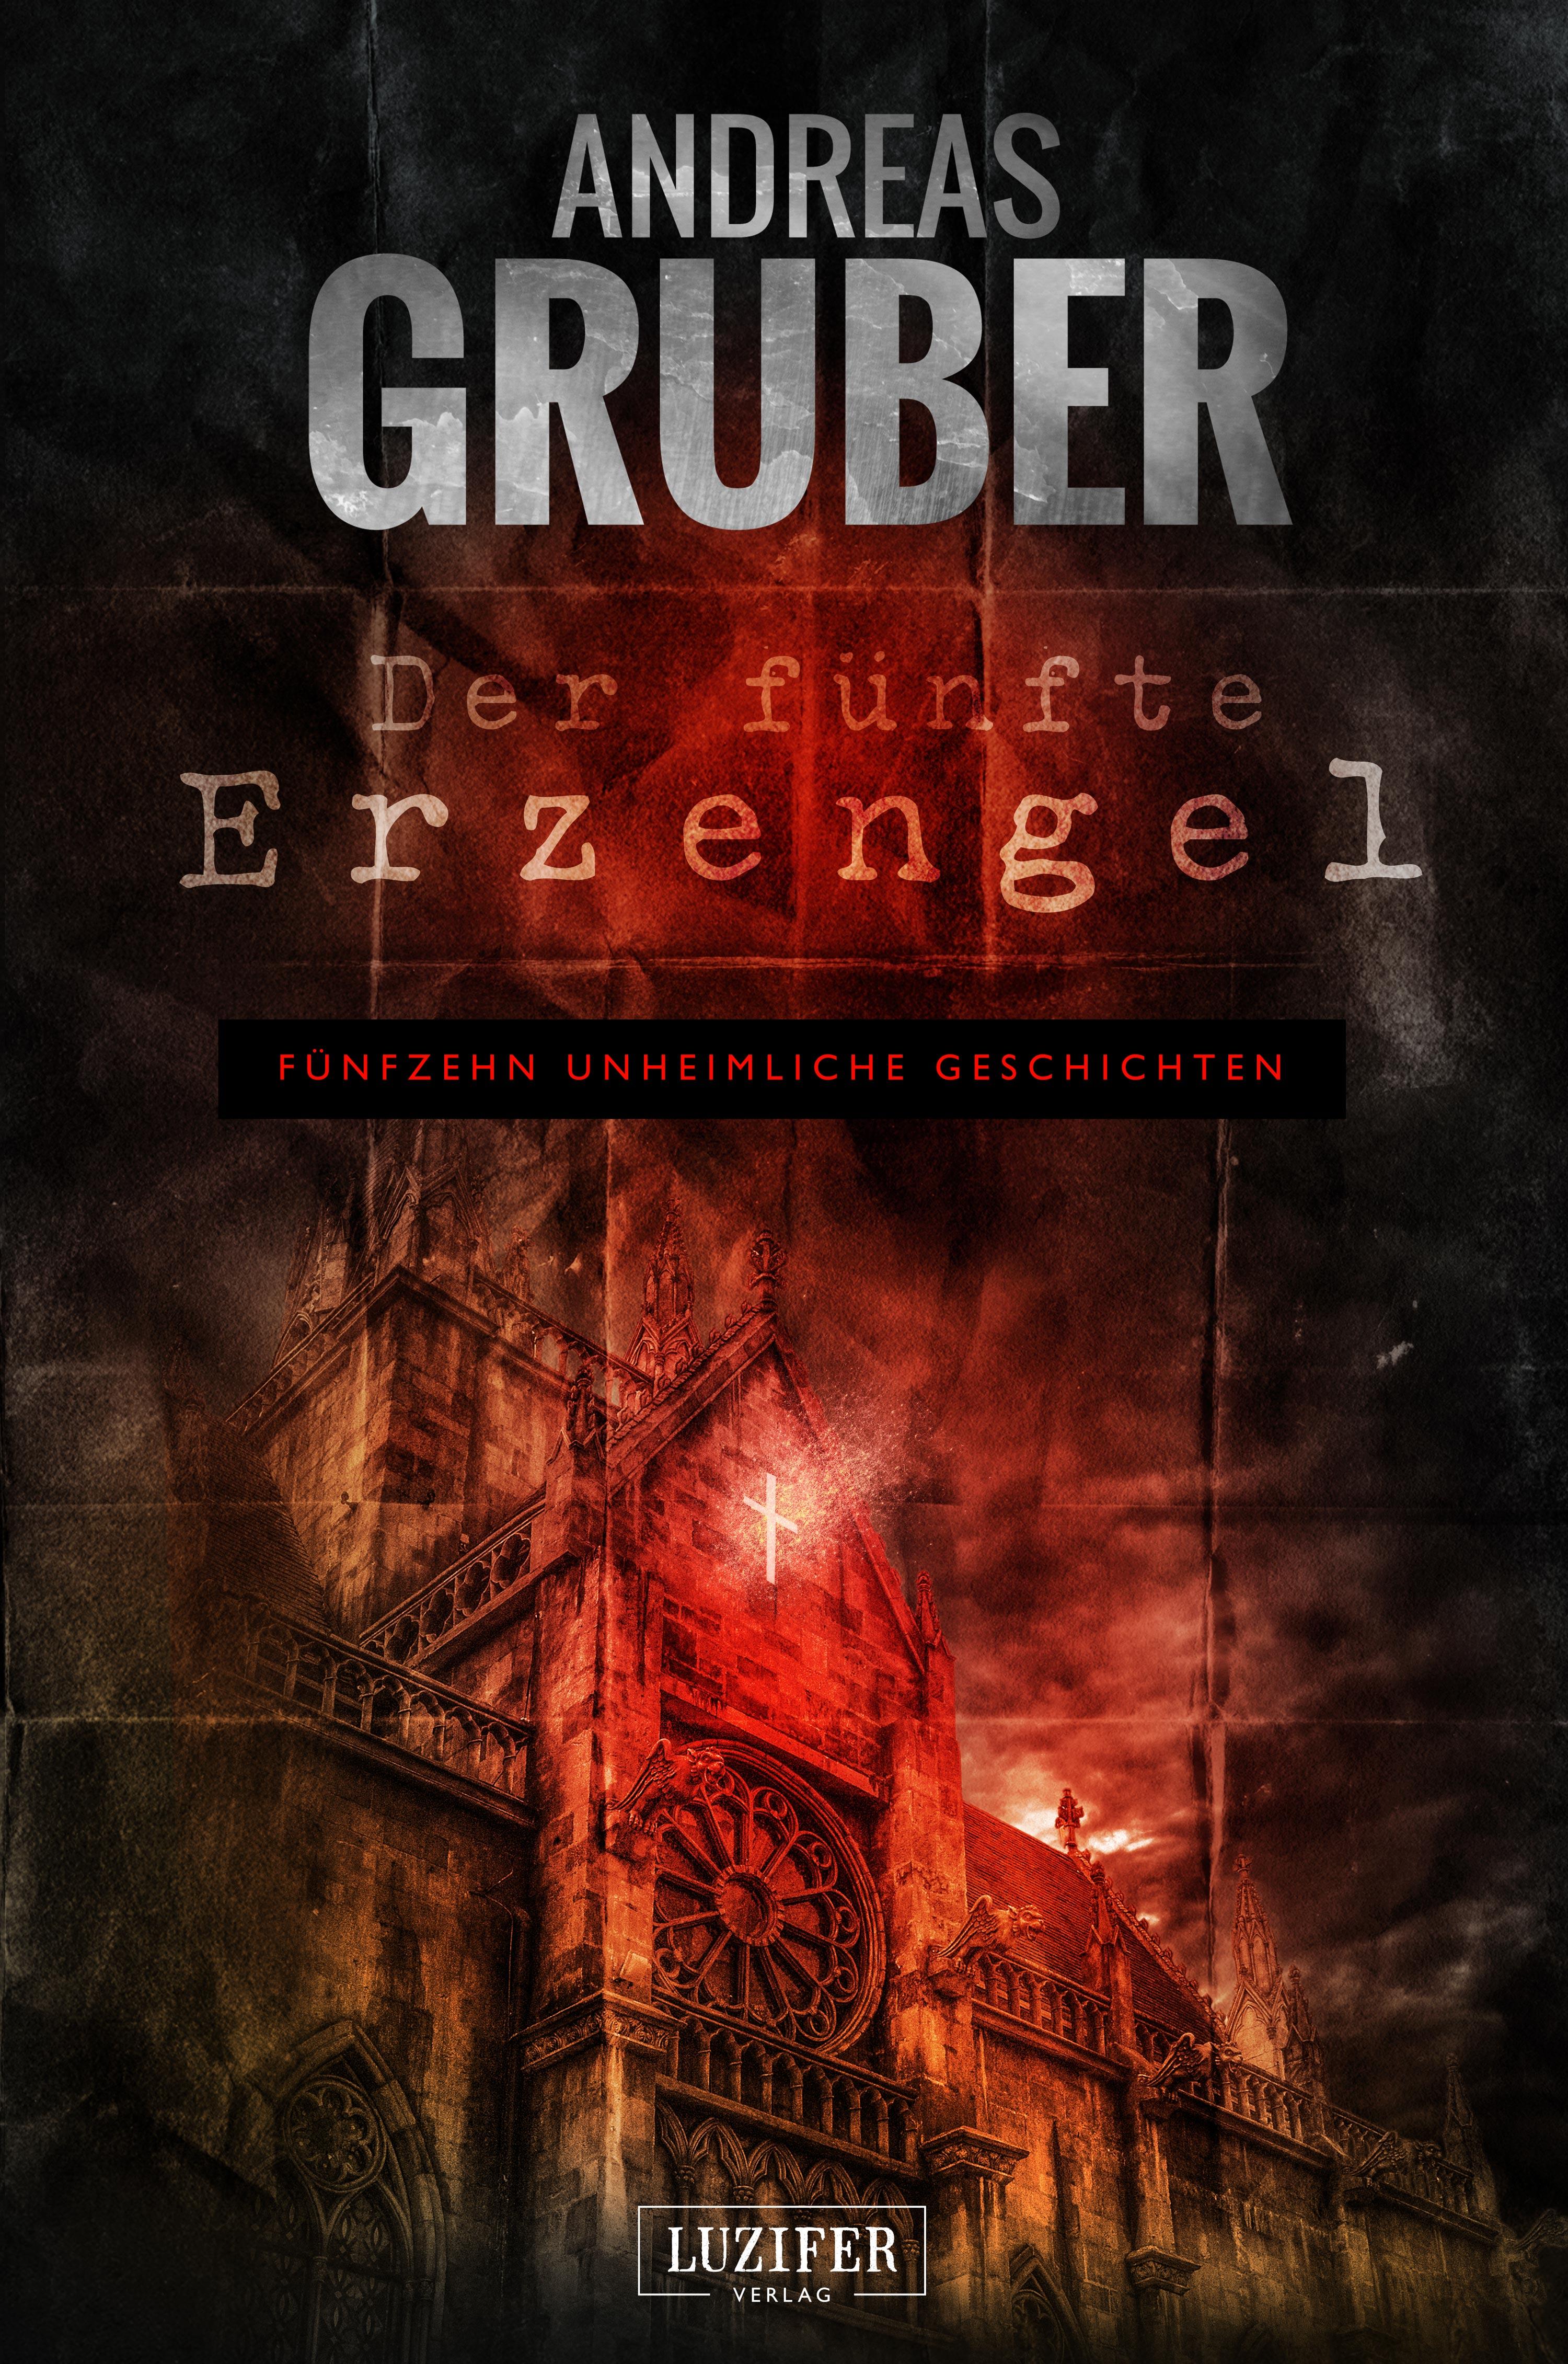 Andreas Gruber DER FÜNFTE ERZENGEL